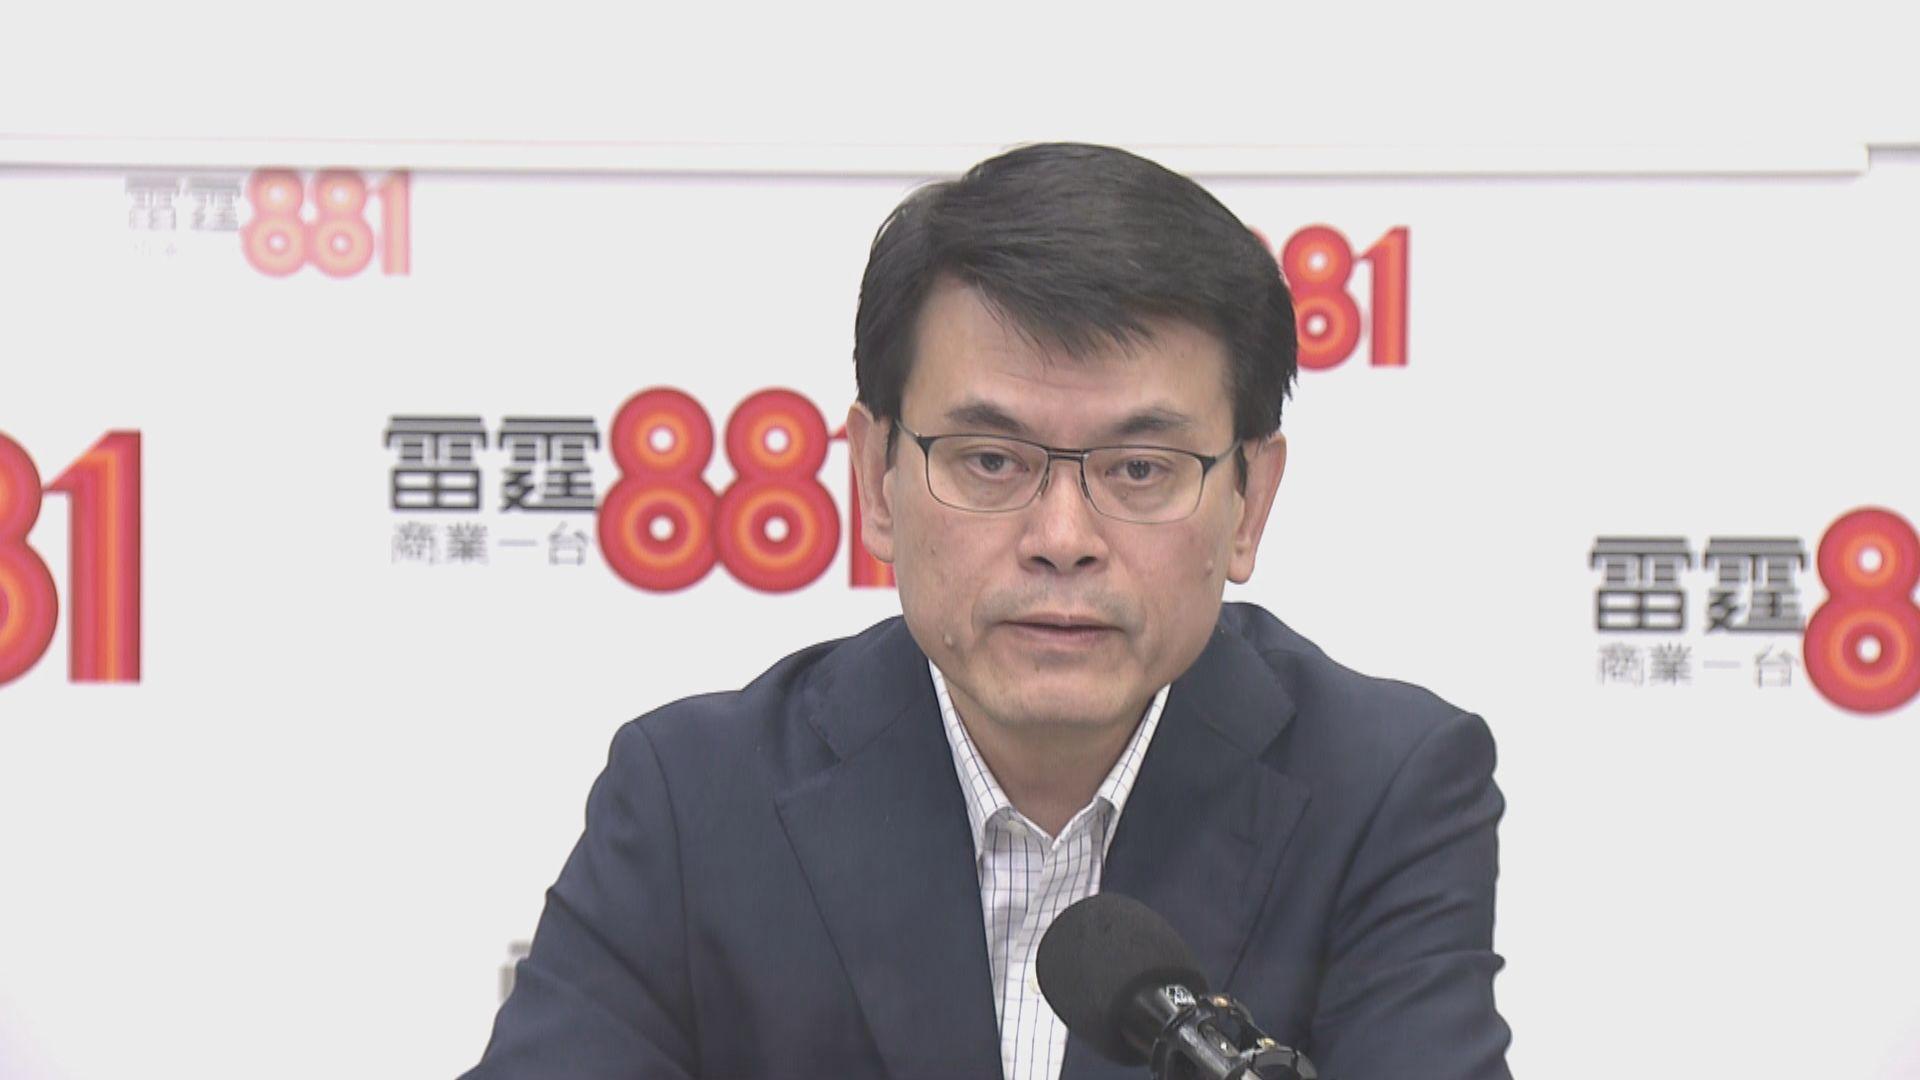 邱騰華:中美貿易糾紛將成今年本港經濟陰霾